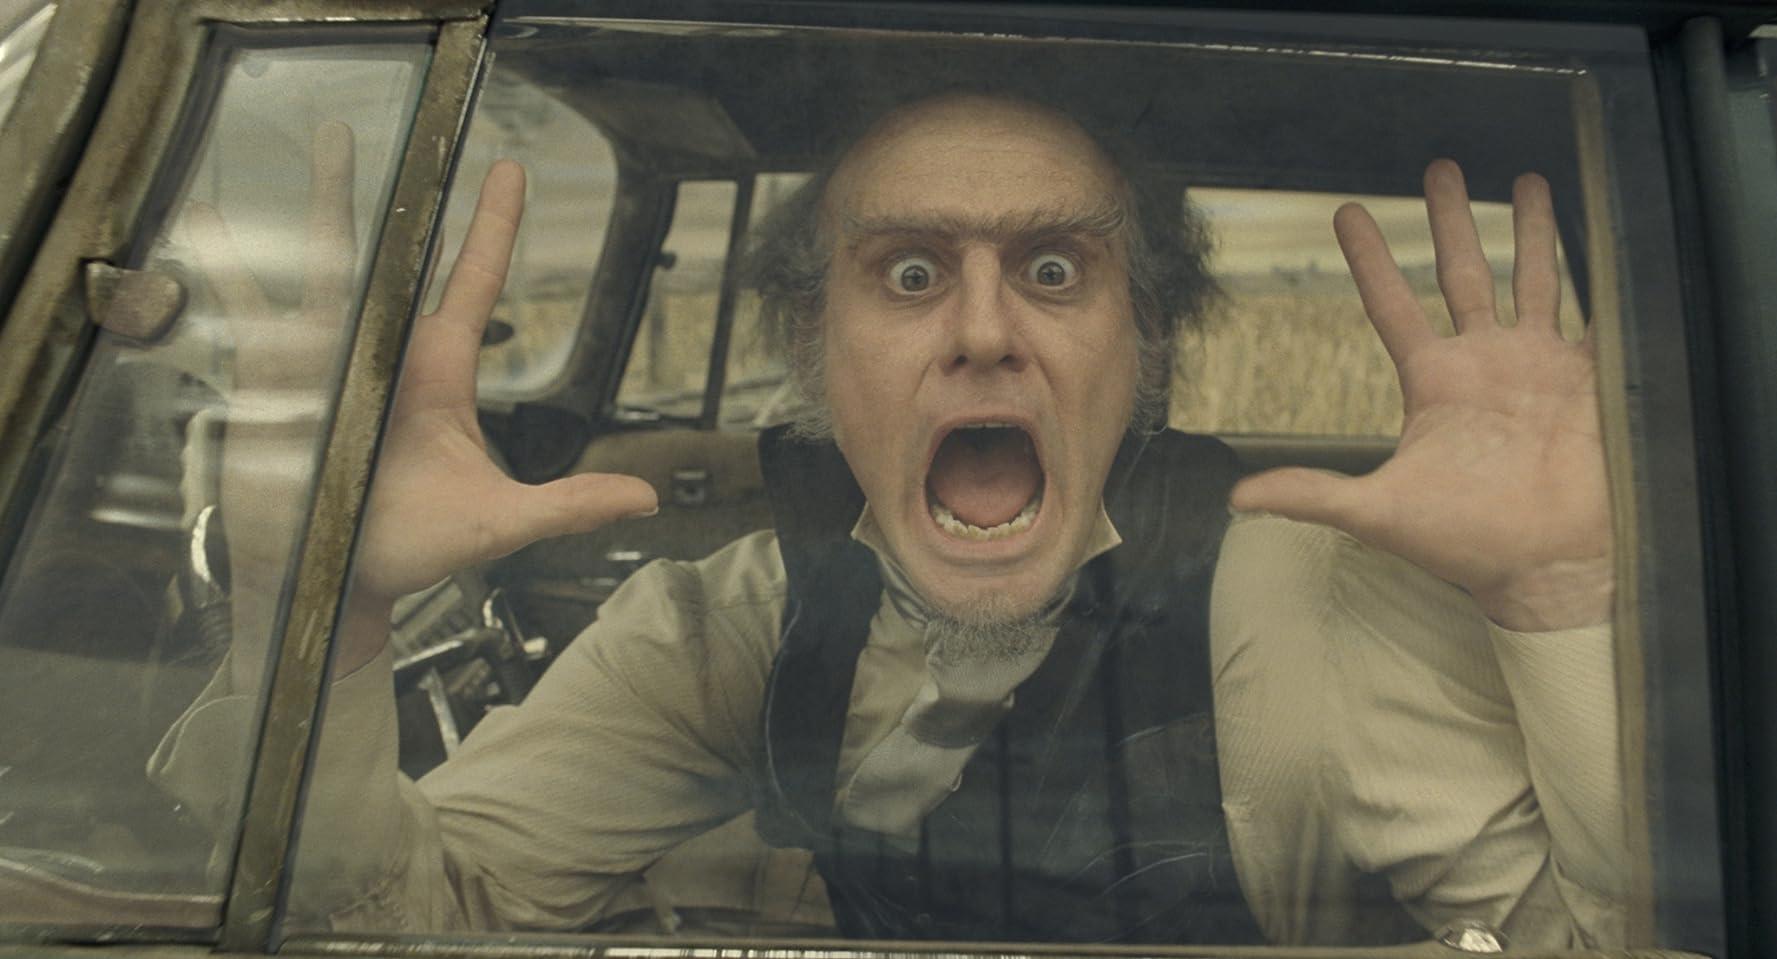 Jim Carrey in A Series of Unfortunate Events (2004)